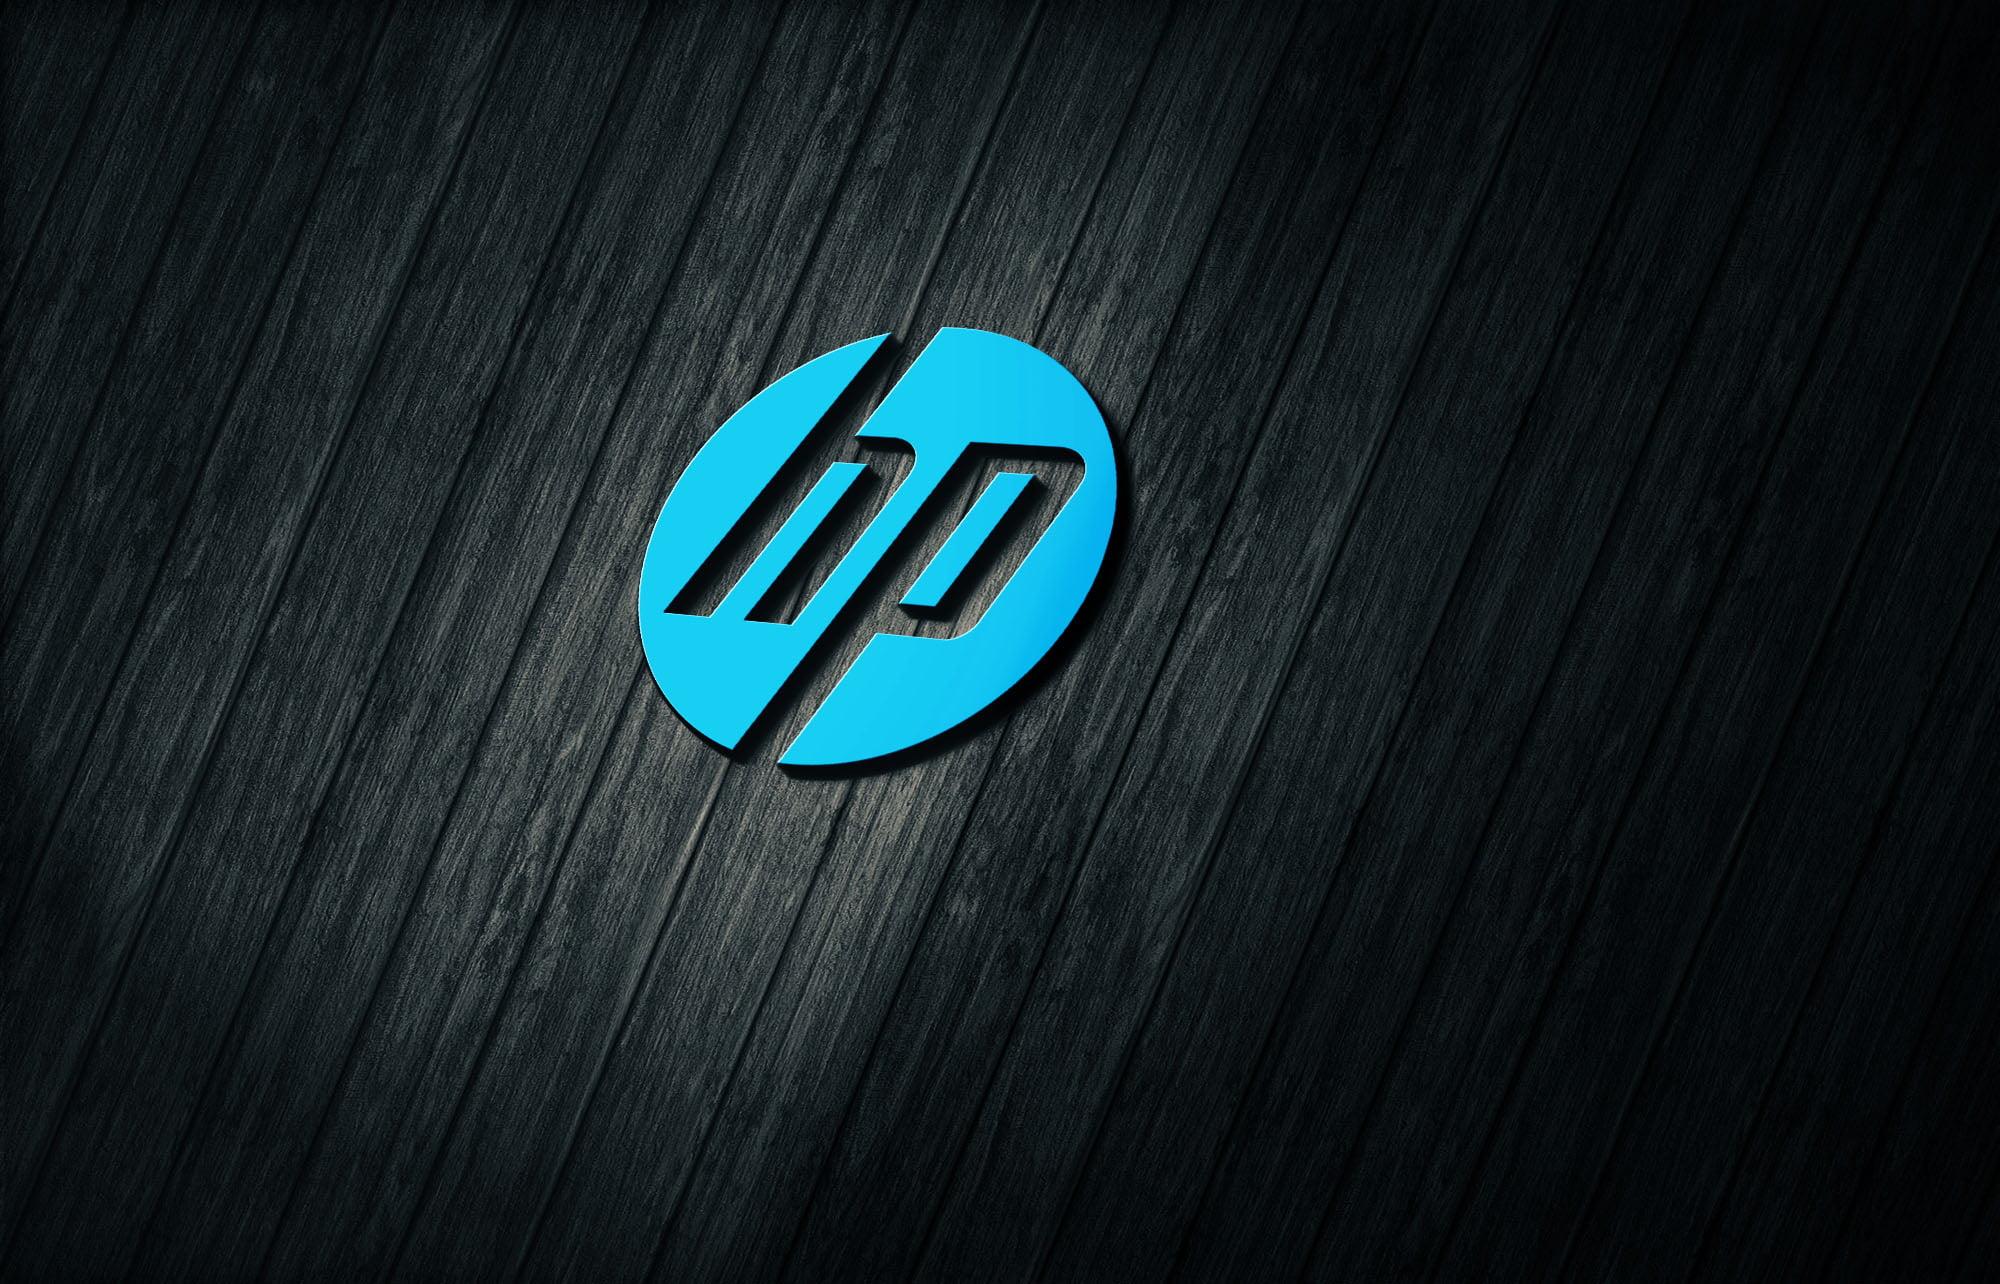 HP on 3d dark wood mockup